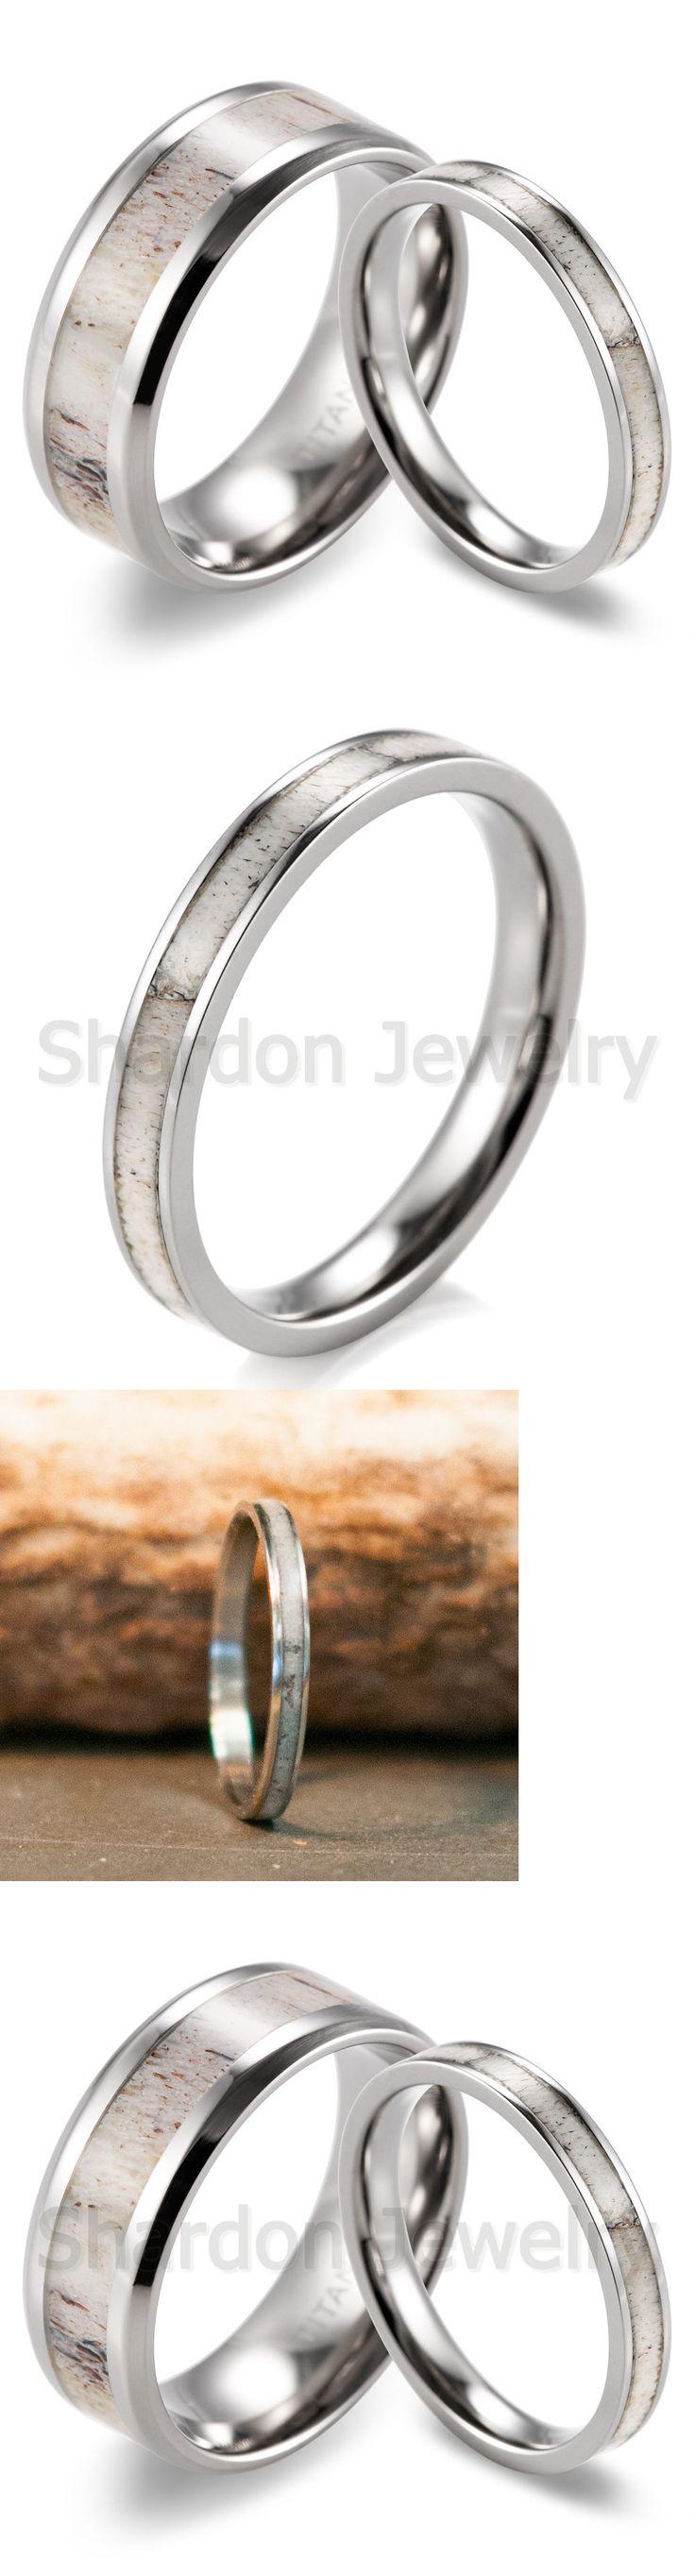 ebay eheringe ebay wedding rings sets Sets without Stones Couple S Titanium mm Wild Antler Engagement Wedding Ring Set